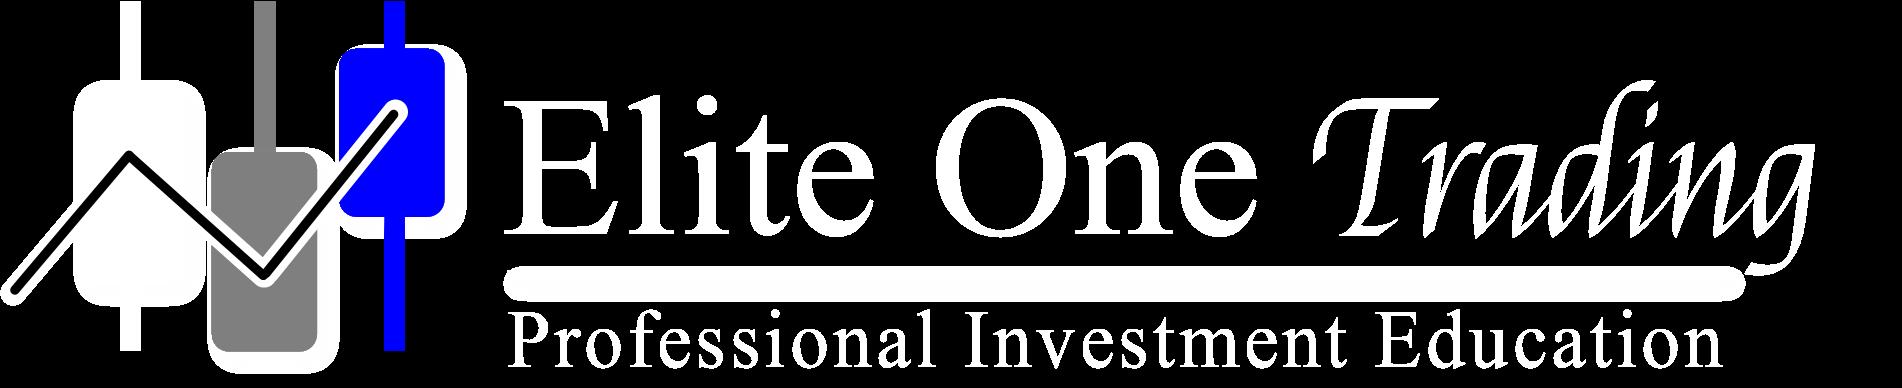 Elite One Trading